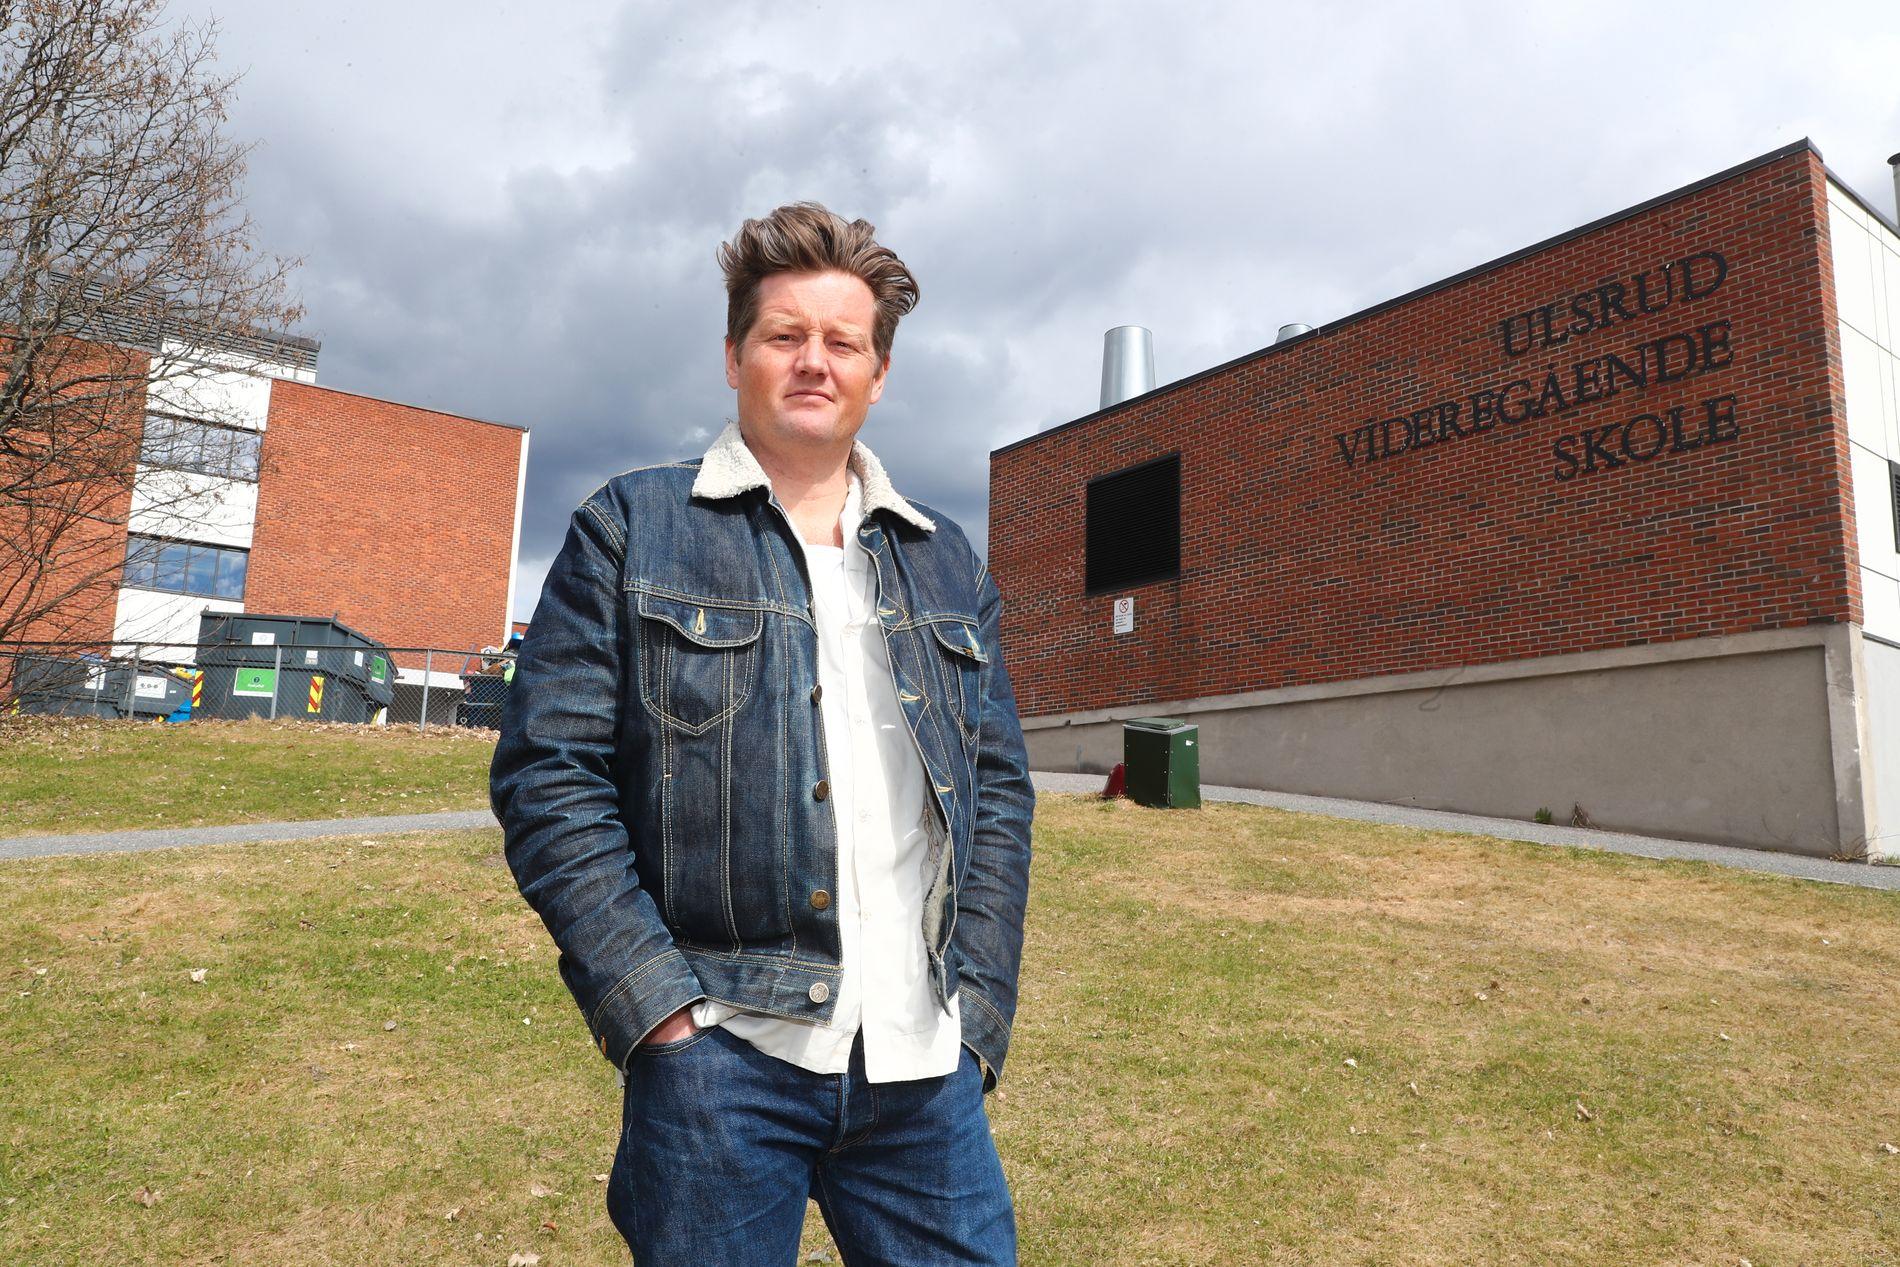 FORTSETTER: Lektor Simon Malkenes (44) fortsetter både med undervisning på Ulsrud videregående skole og med ytringer om Osloskolen og skolepolitikk etter at personalsaken mot ham er lagt bort av Utdanningsetaten.